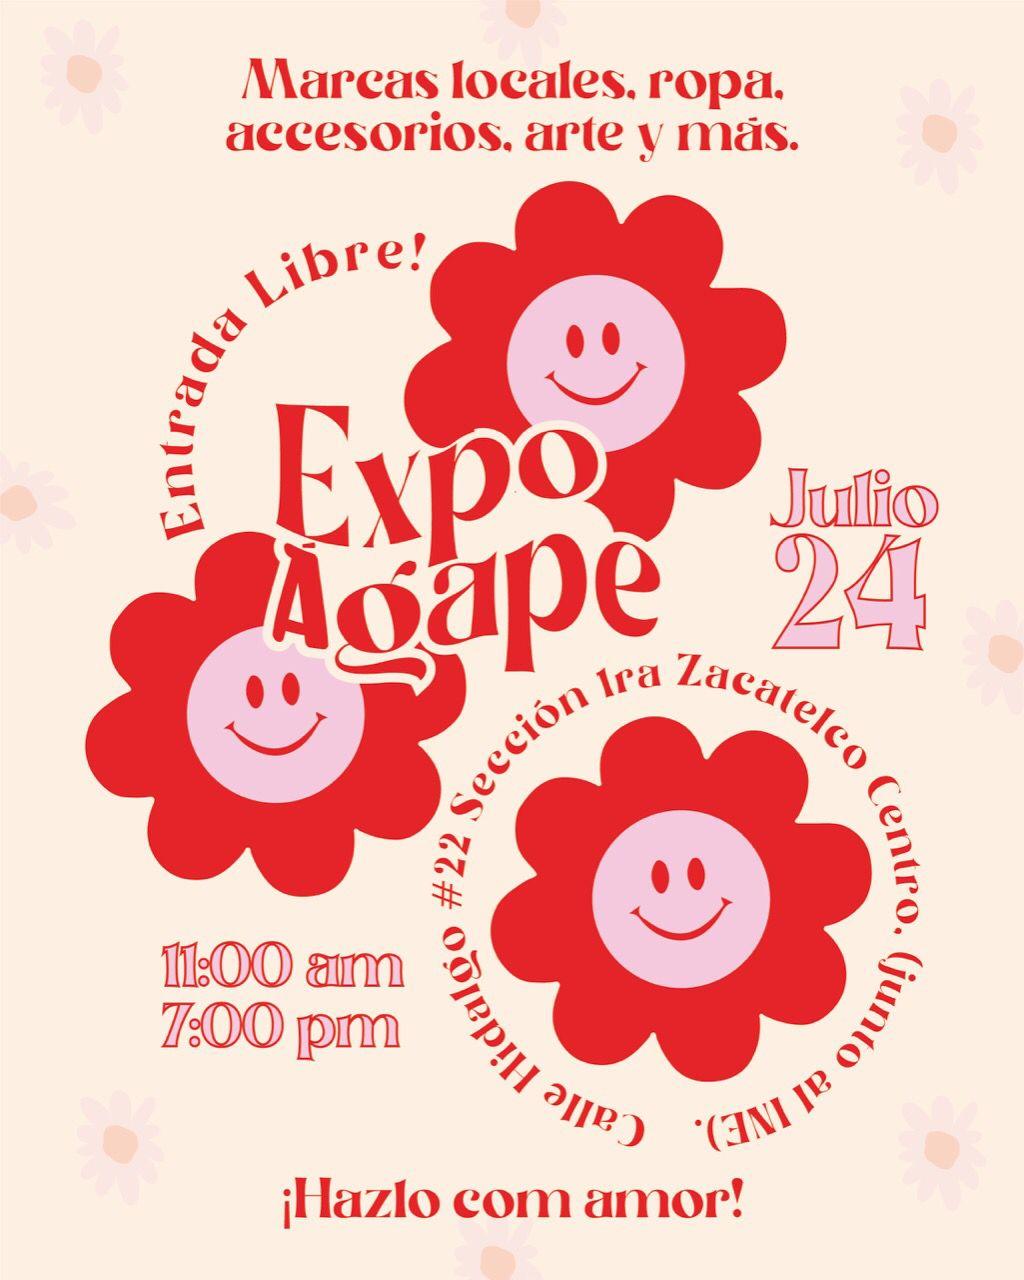 Negocios-Expo Agape-Tlaxcala